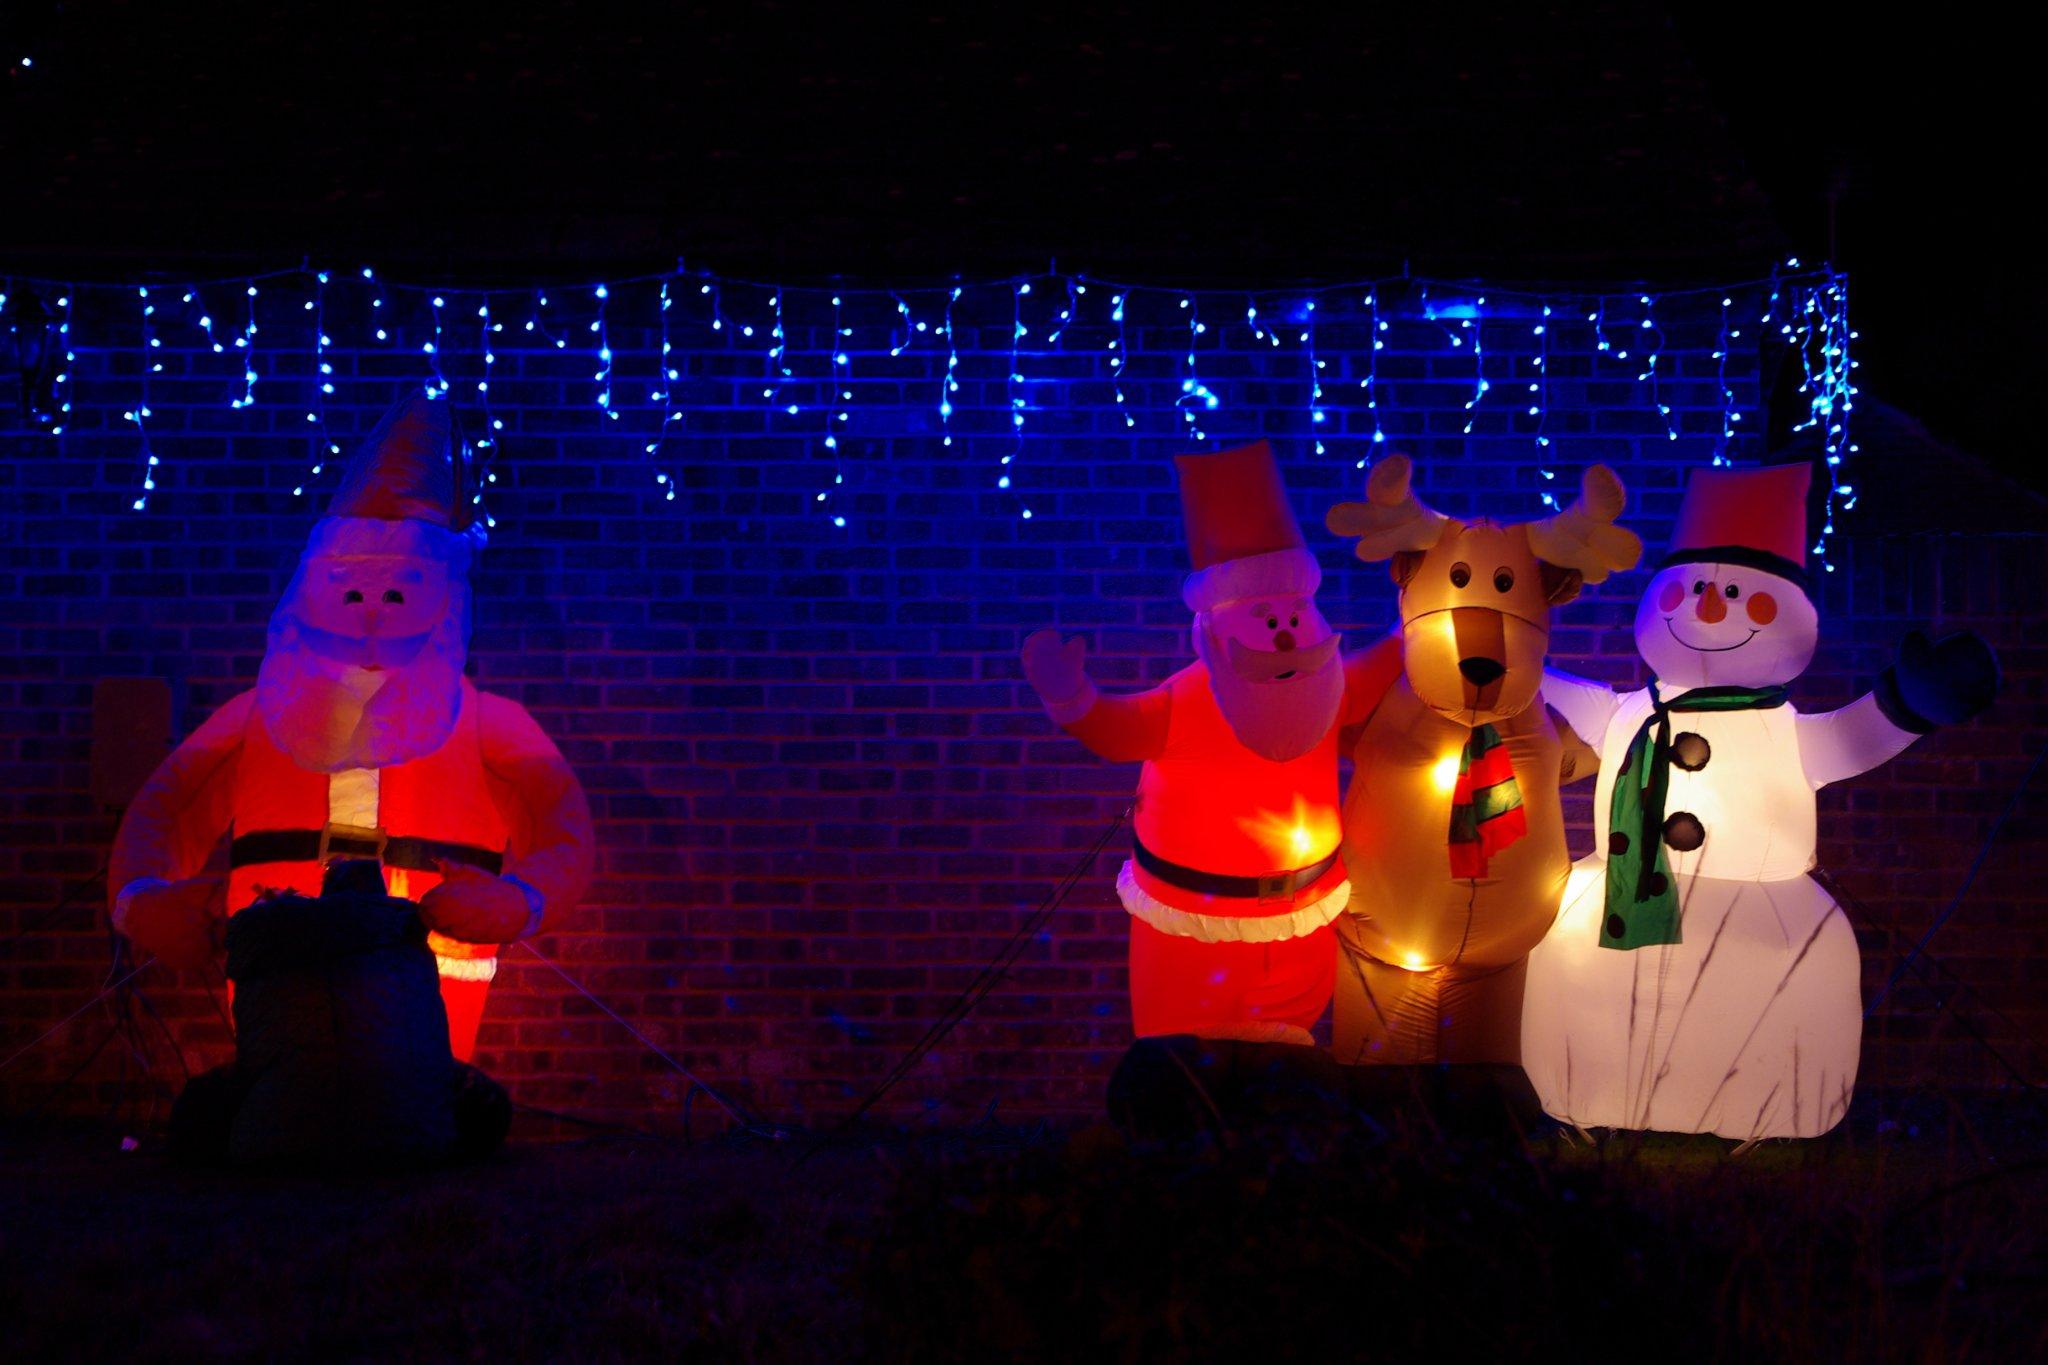 2008-12-21 Gibbsey's Christmas lights